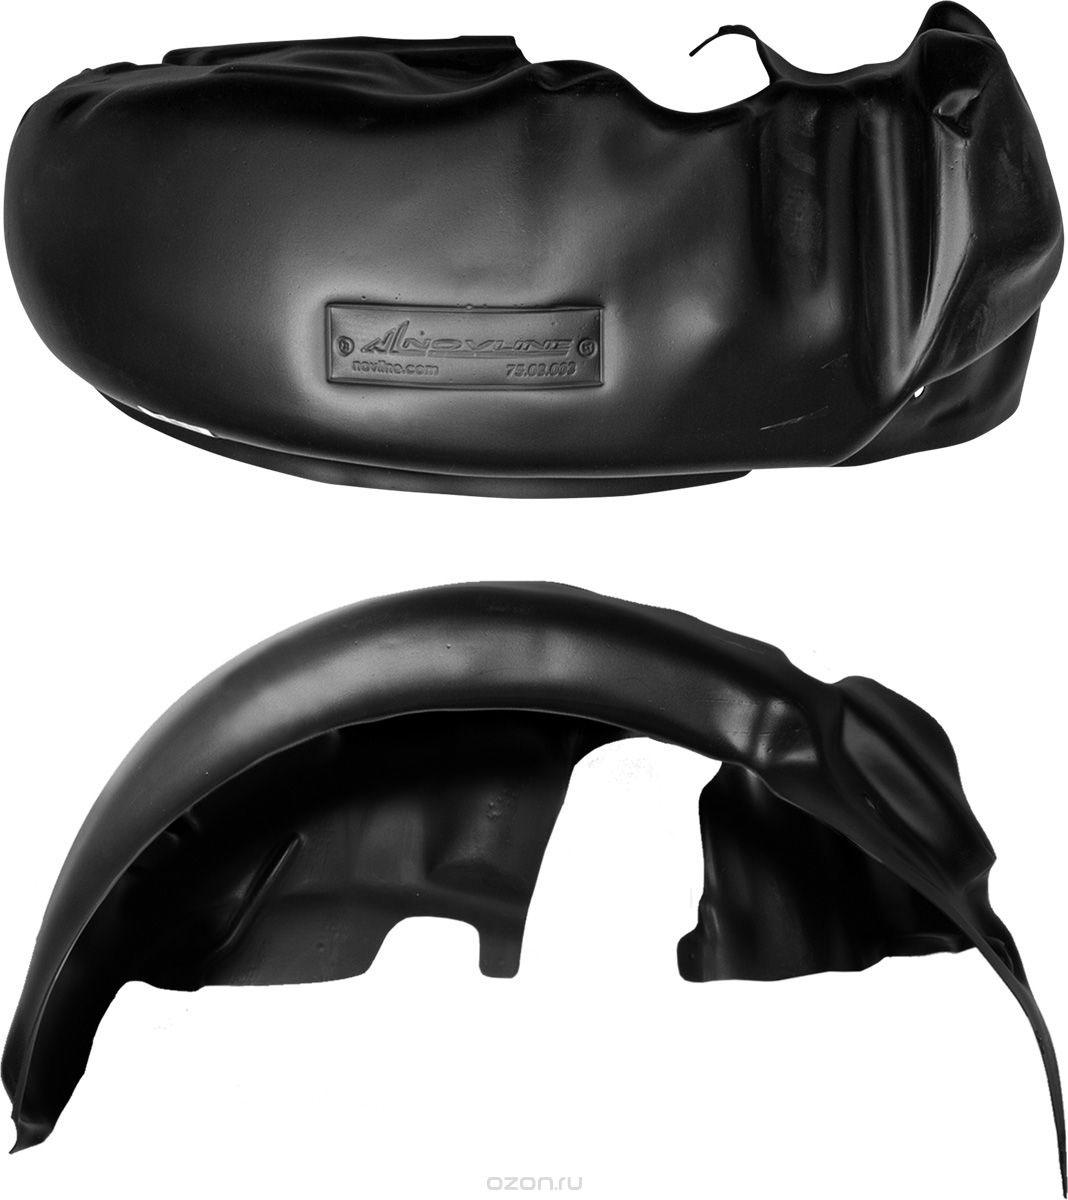 Подкрылок Novline-Autofamily, для TOYOTA Auris , 2012 ->(передний левыйNLL.48.54.001Идеальная защита колесной ниши. Локеры разработаны с применением цифровых технологий, гарантируют максимальную повторяемость поверхности арки. Изделия устанавливаются без нарушения лакокрасочного покрытия автомобиля, каждый подкрылок комплектуется крепежом. Уважаемые клиенты, обращаем ваше внимание, что фотографии на подкрылки универсальные и не отражают реальную форму изделия. При этом само изделие идет точно под размер указанного автомобиля.